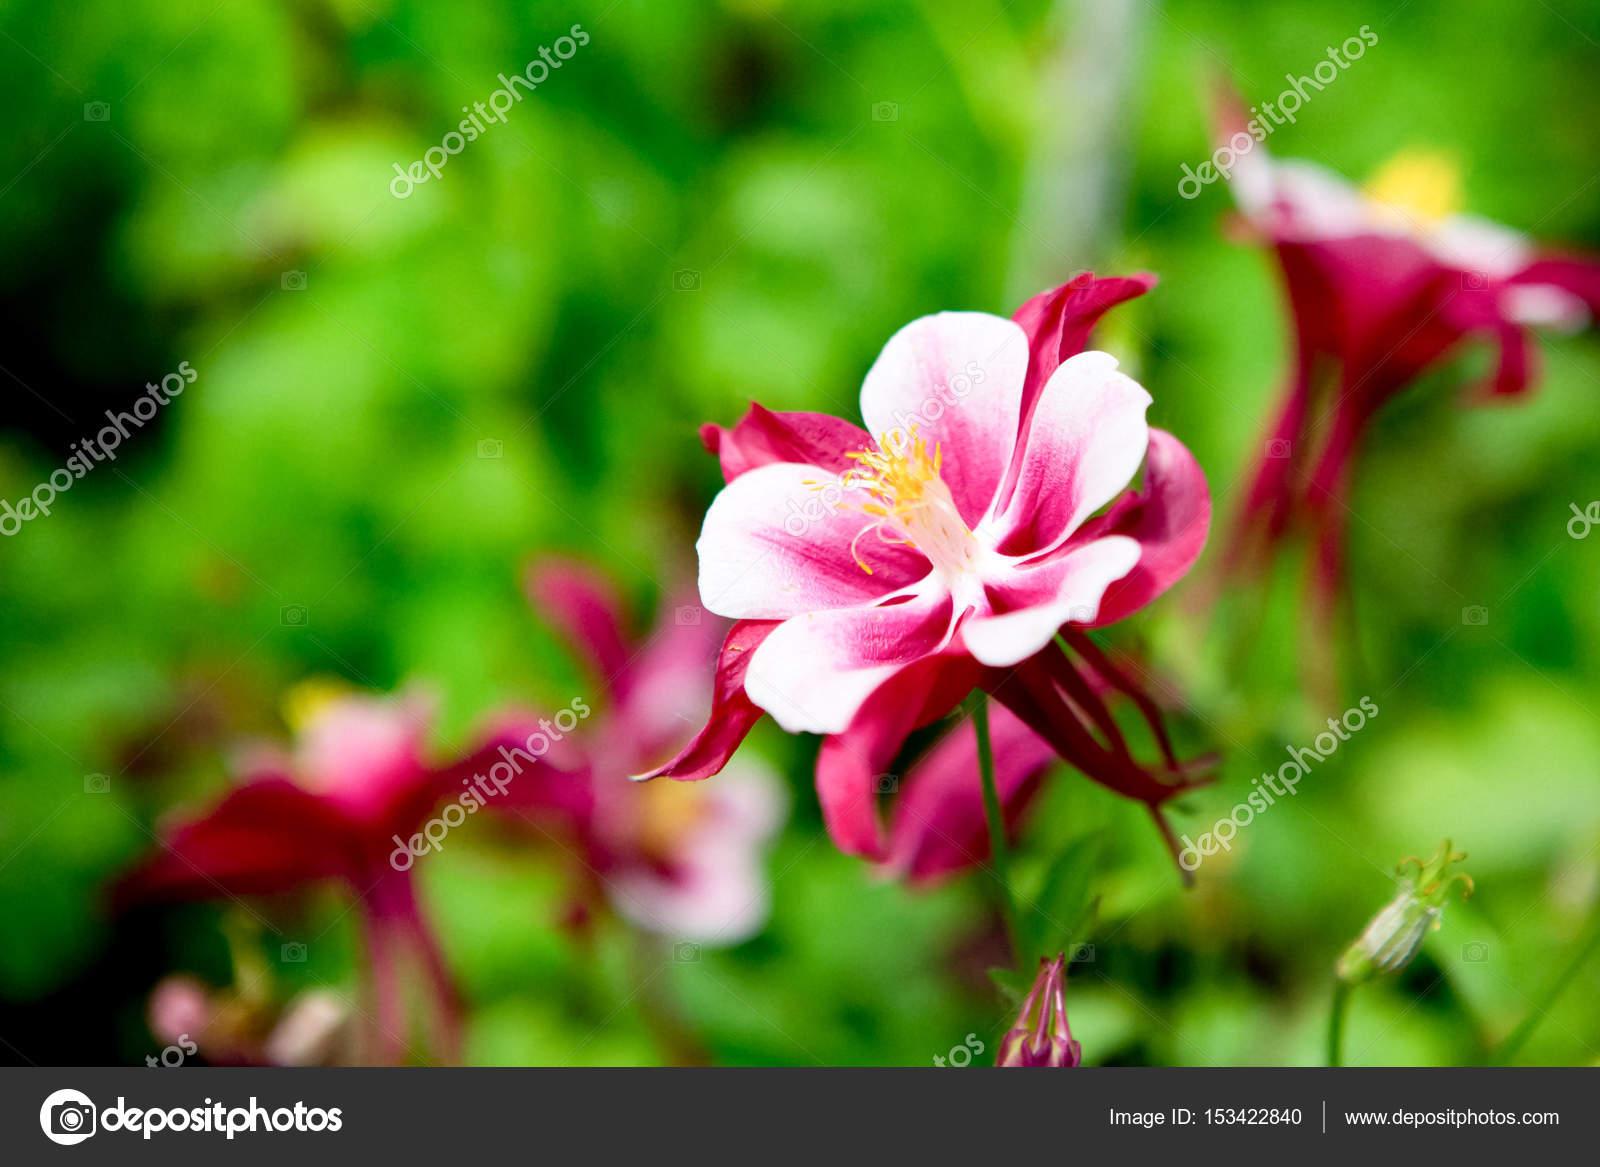 Filtre De Bruit Grain La Belle Fleur Rouge Blanc Sur Fond Flou